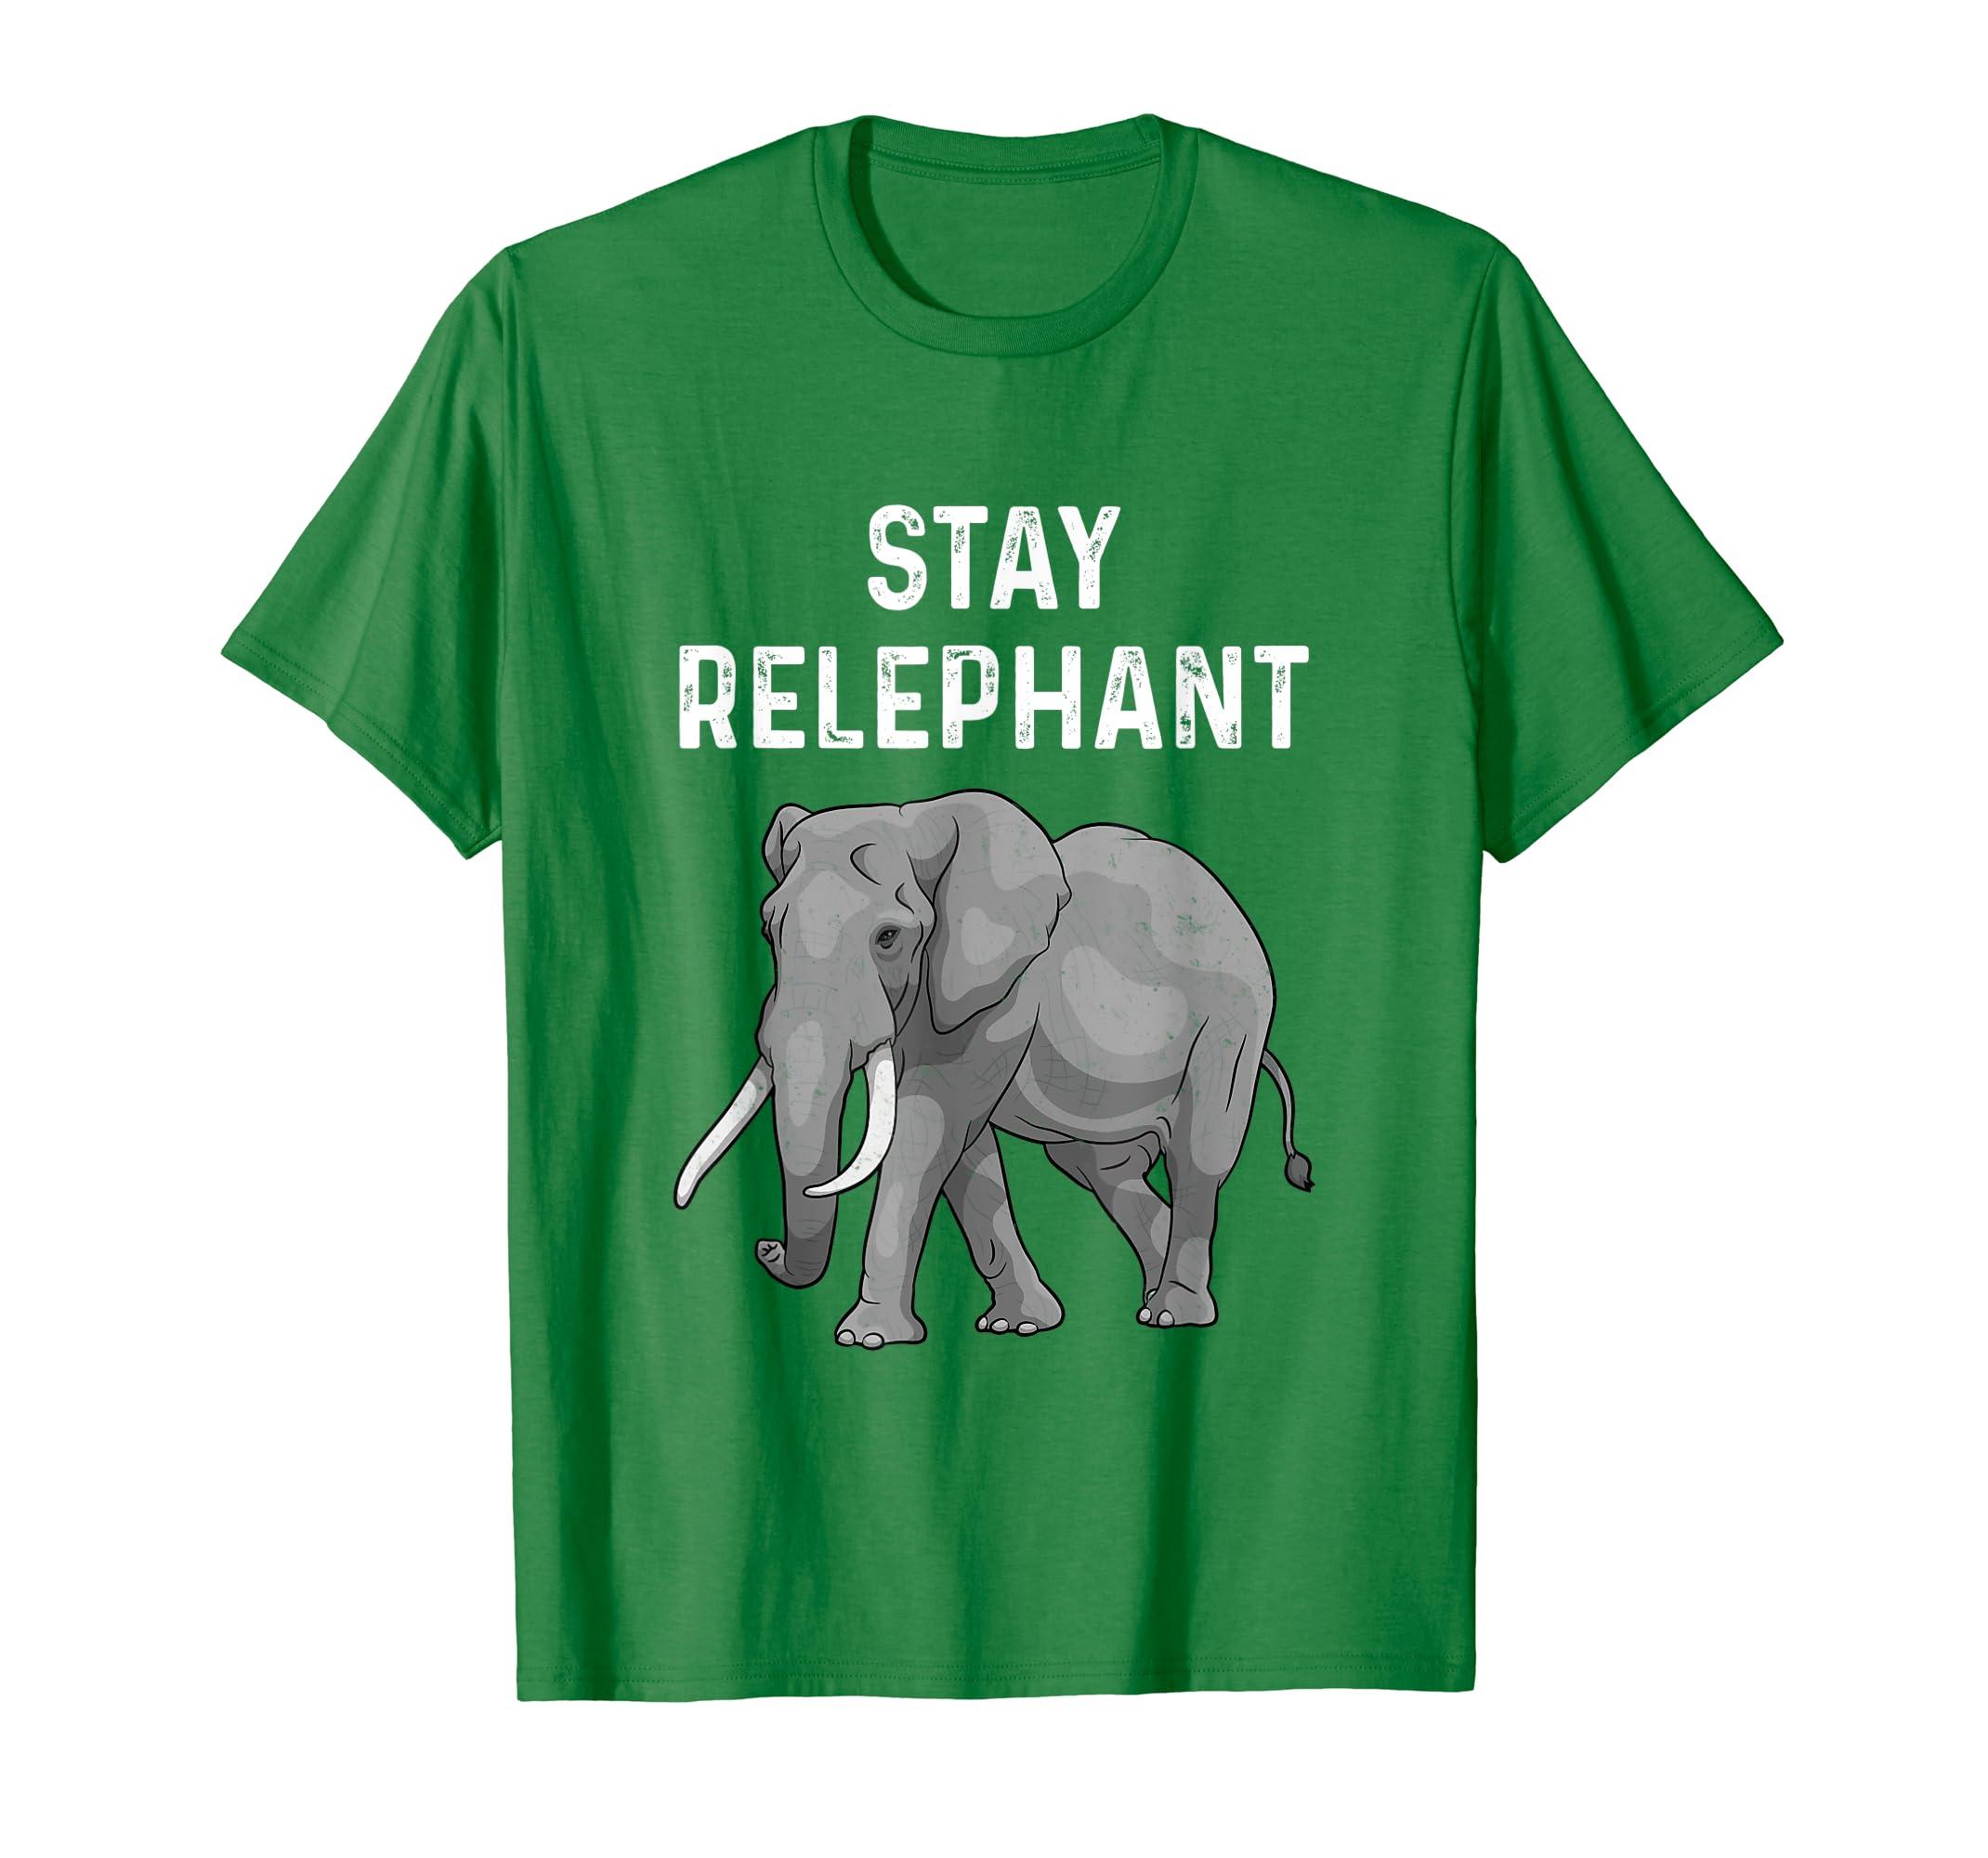 Amazon Funny Elephant Pun Stay Relephant Graphic Animal T Shirt Clothing